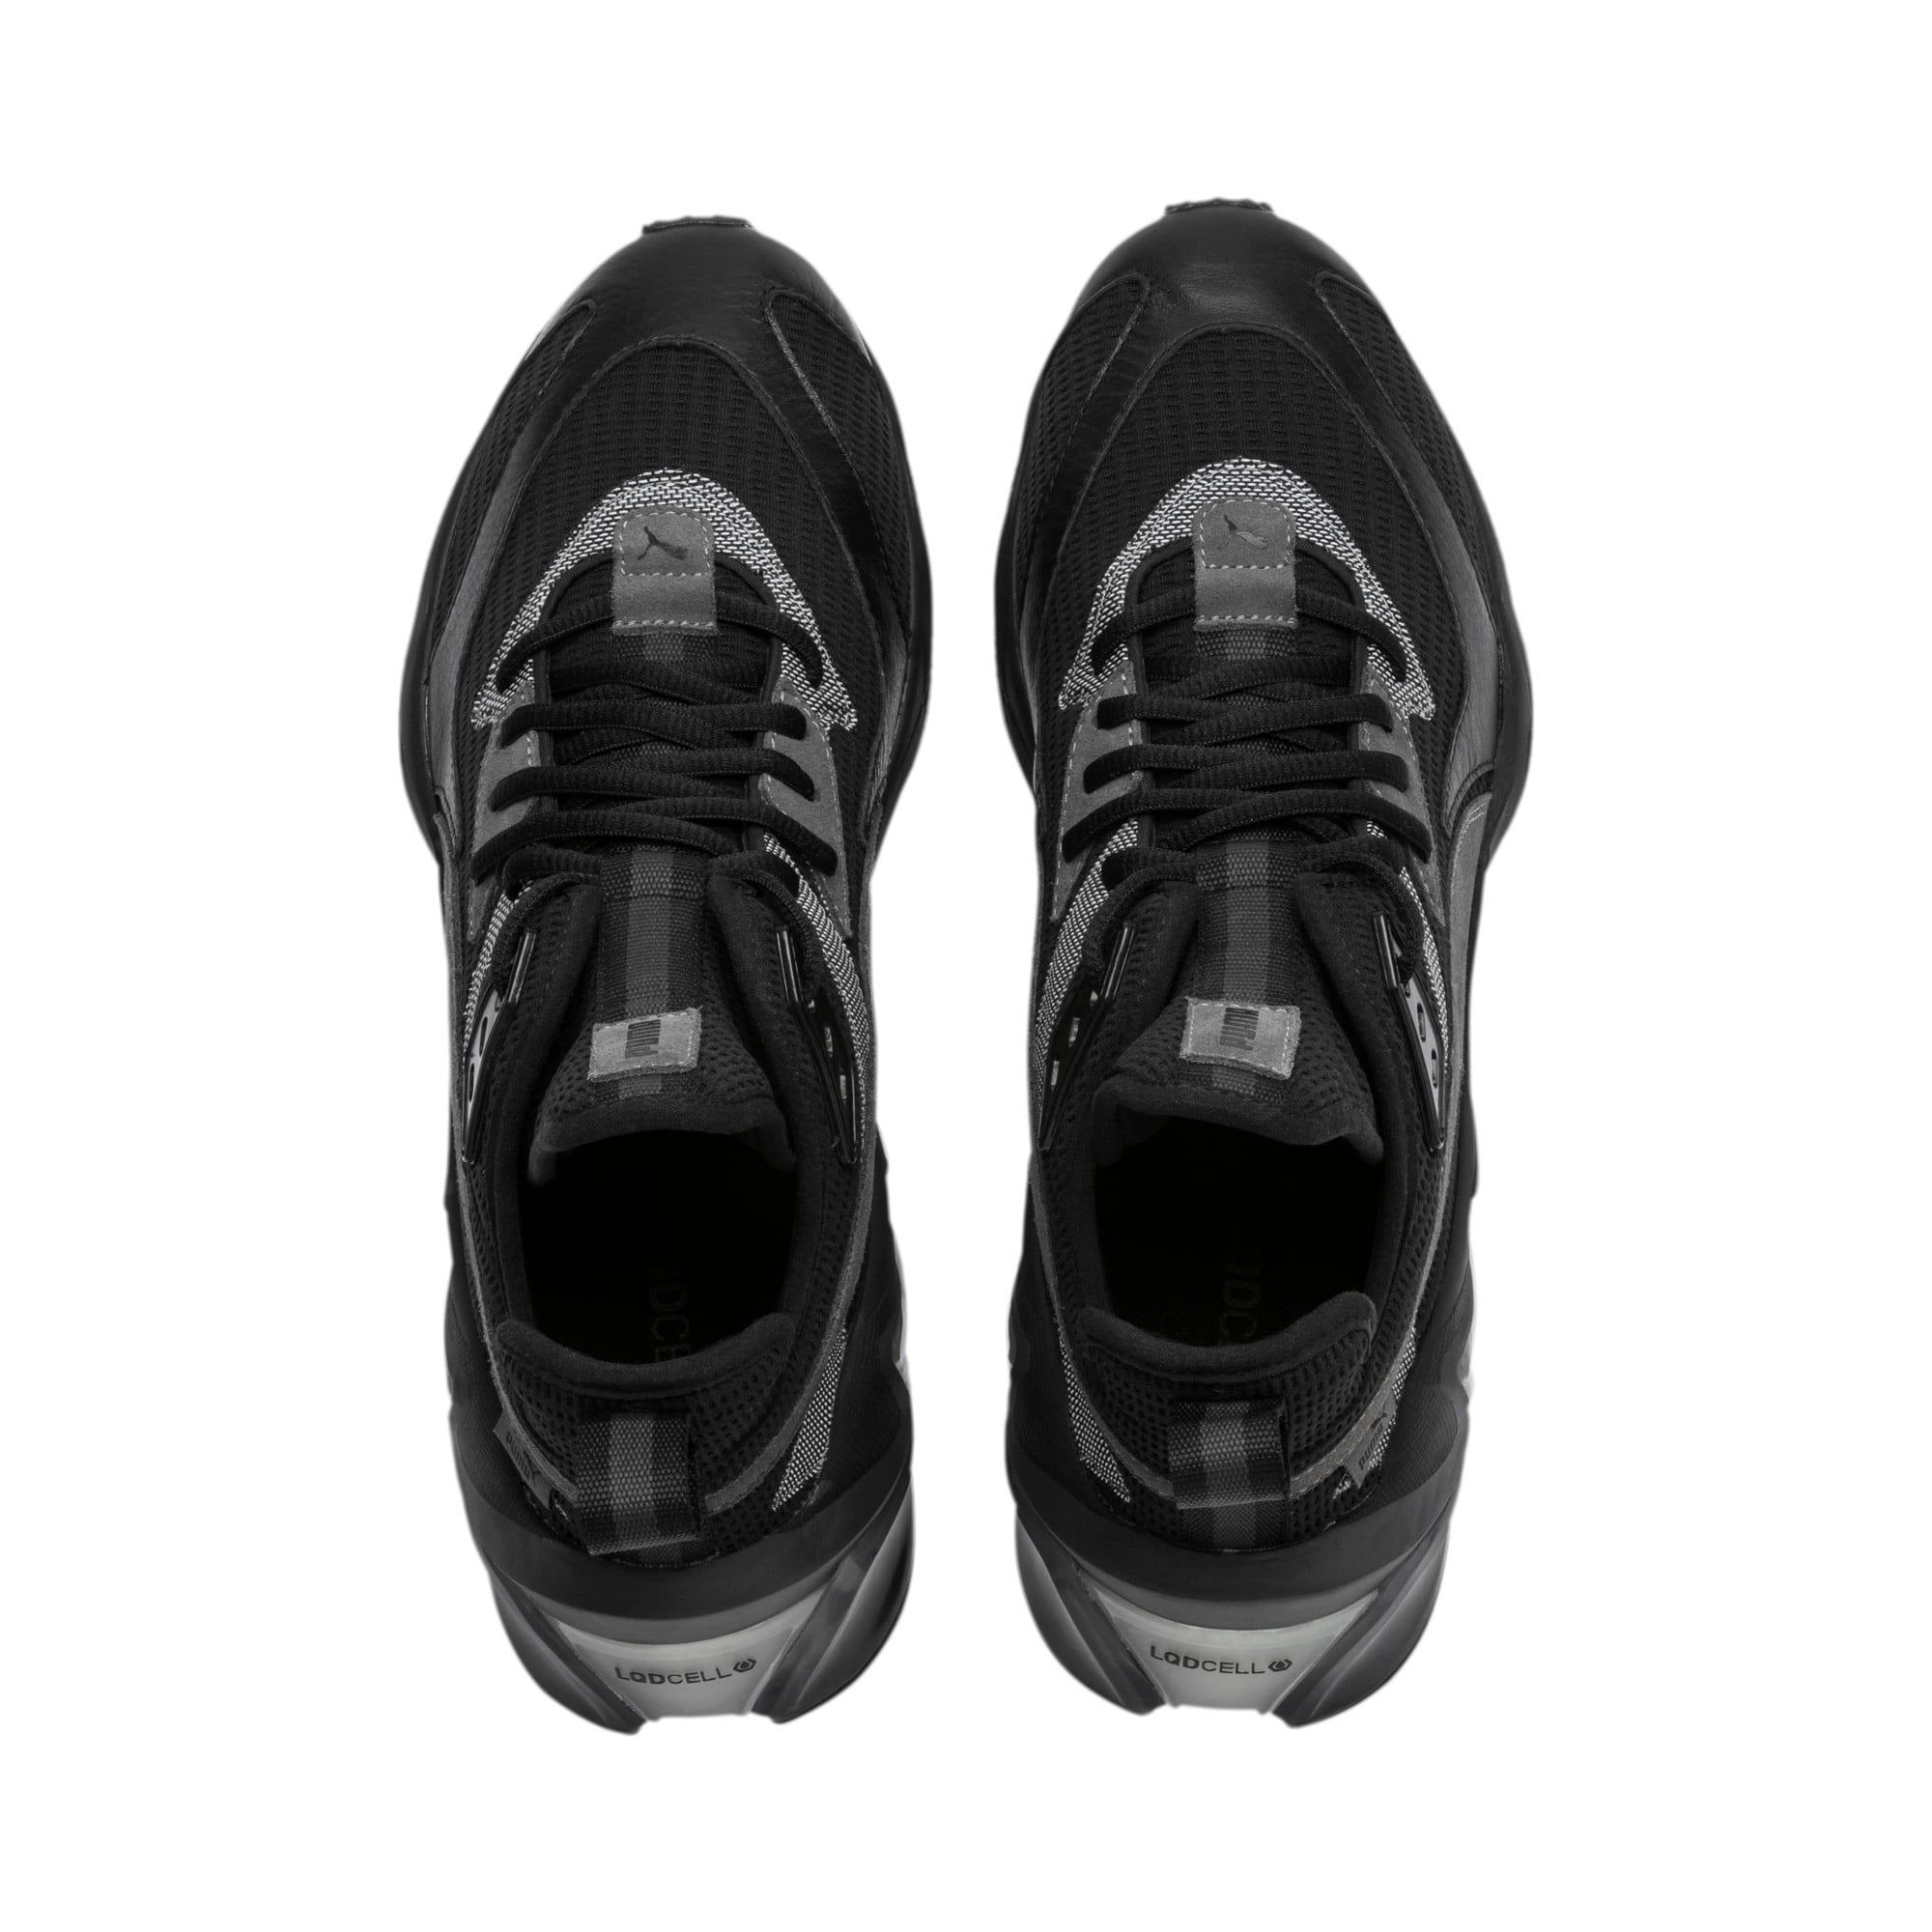 Anteprima 7 di LQDCELL Origin Men's Shoes, Puma Black-Asphalt, medio